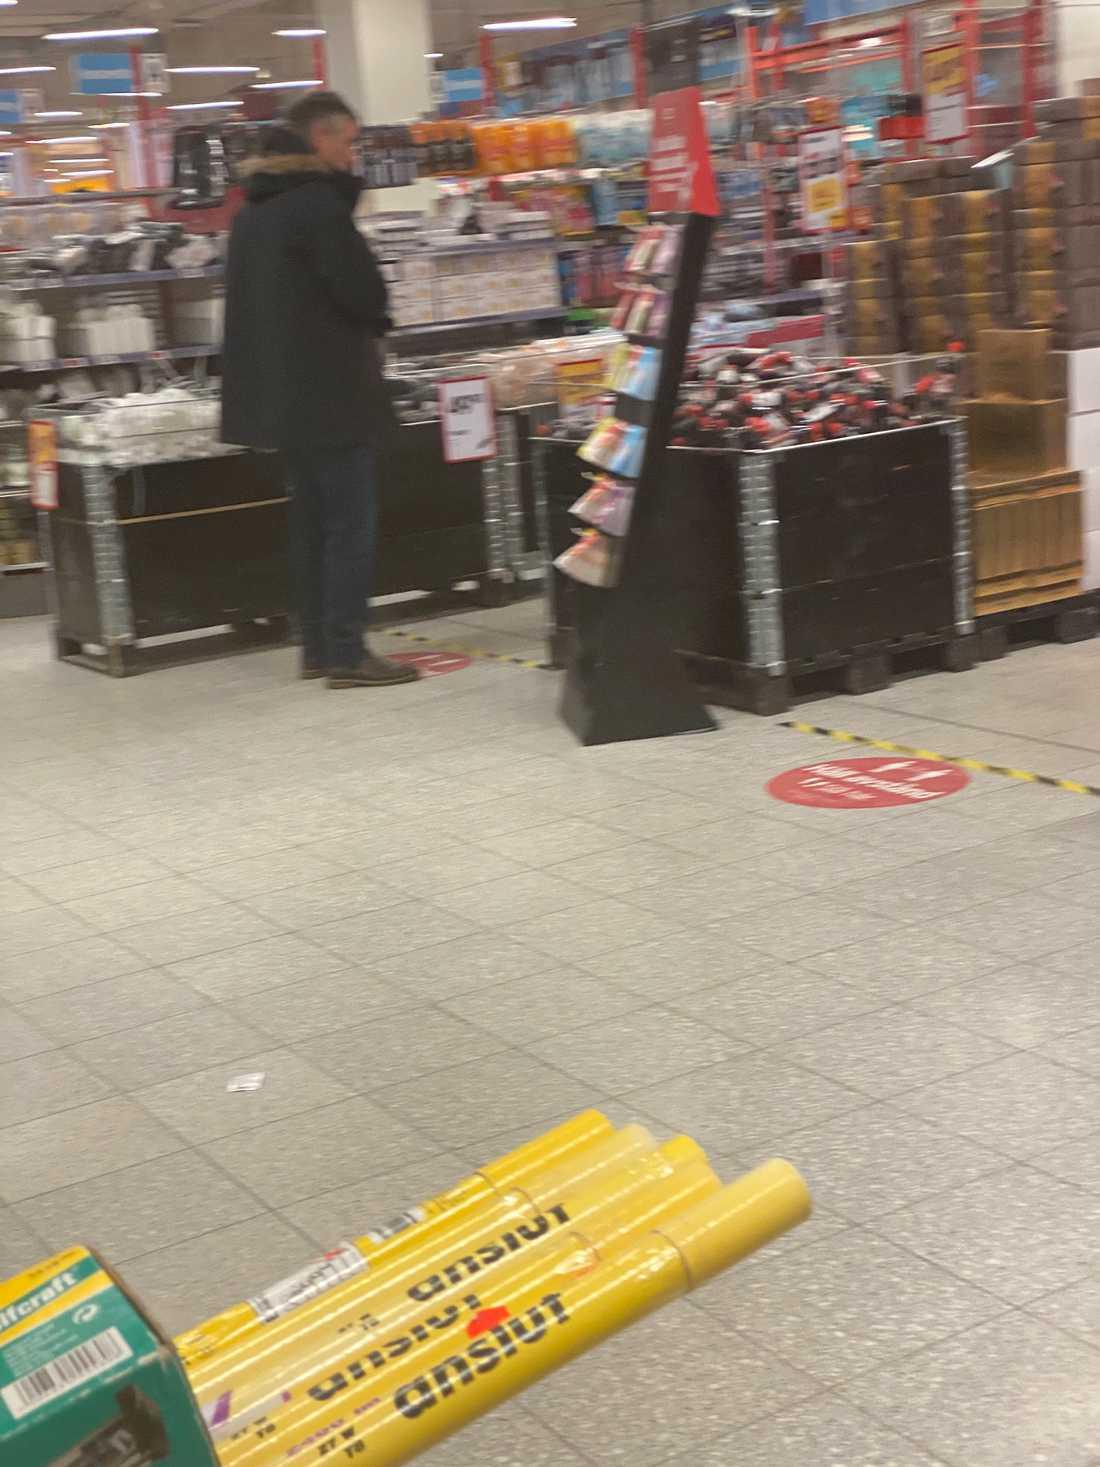 Tegnell besökte Jula för att köpa sågkedjeolja.